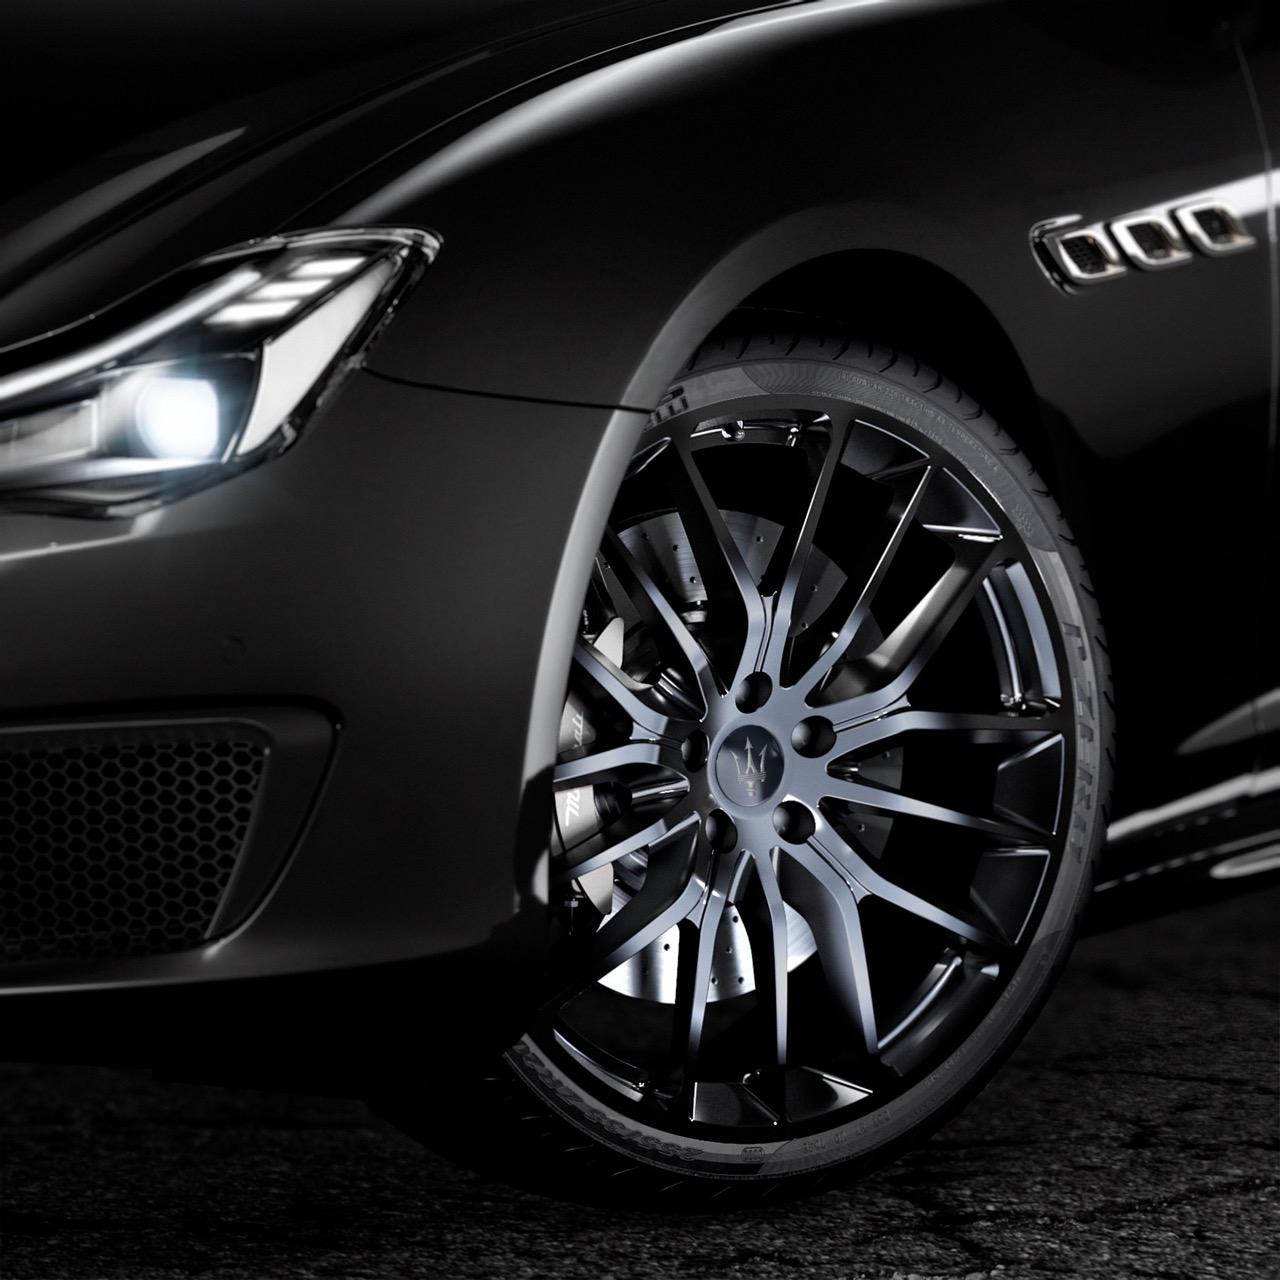 Maserati-Geneve-Nerissimo-08